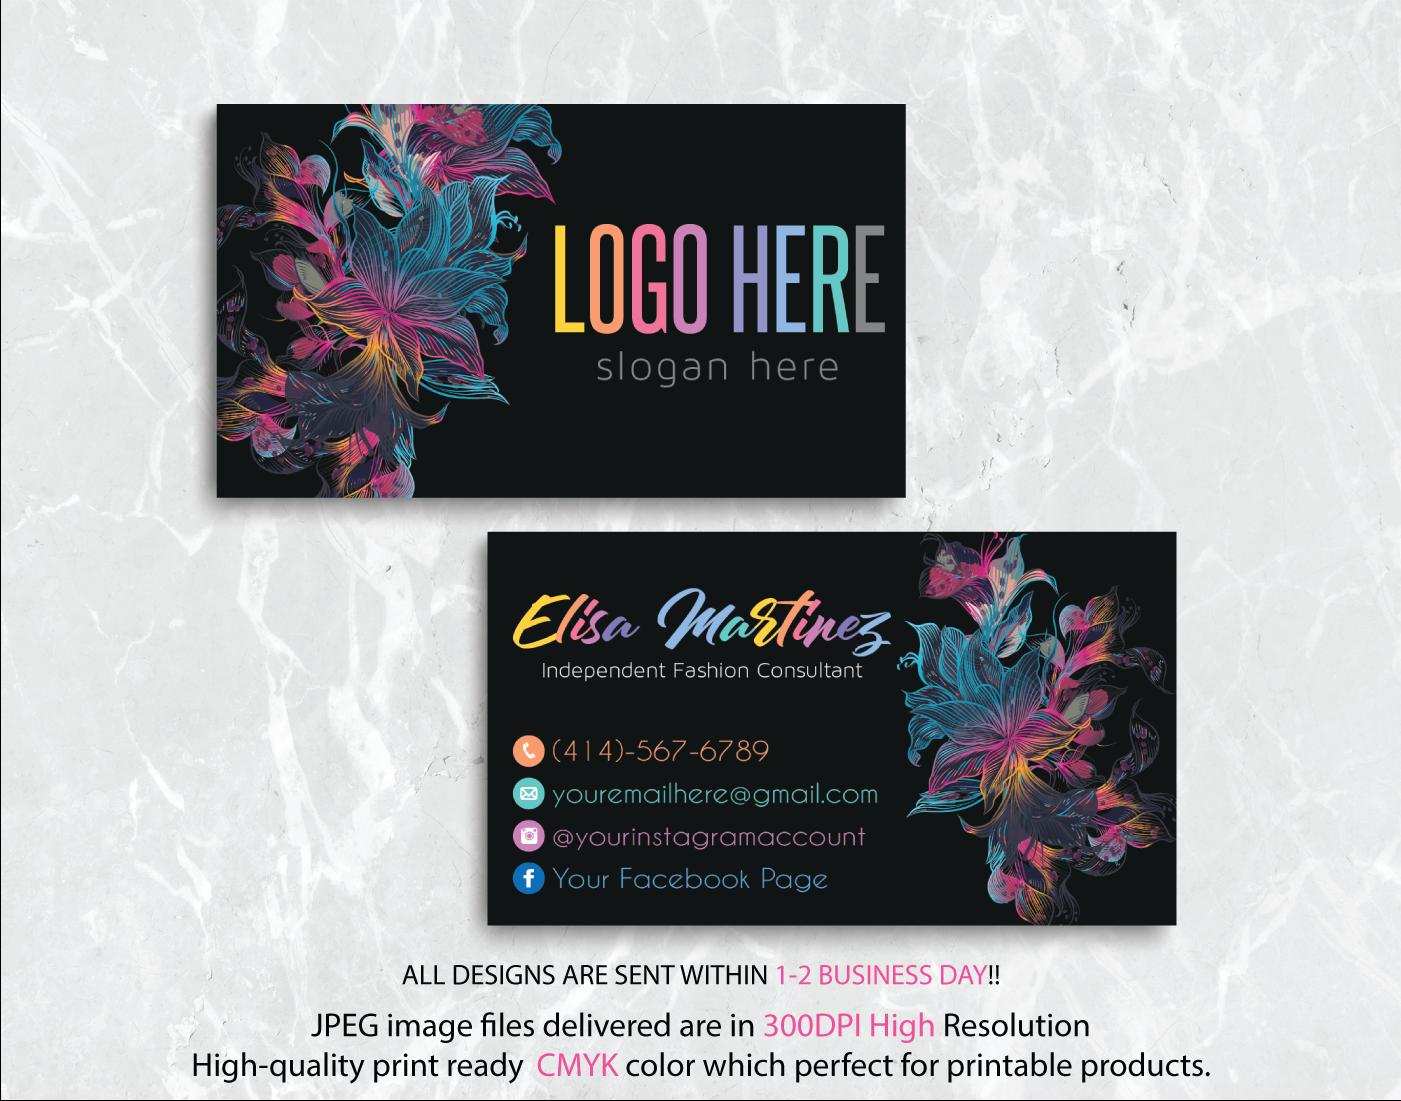 Personalized Lularoe Business Cards Lularoe Template Design Llr22 Lularoe Business Cards Lularoe Business Template Design